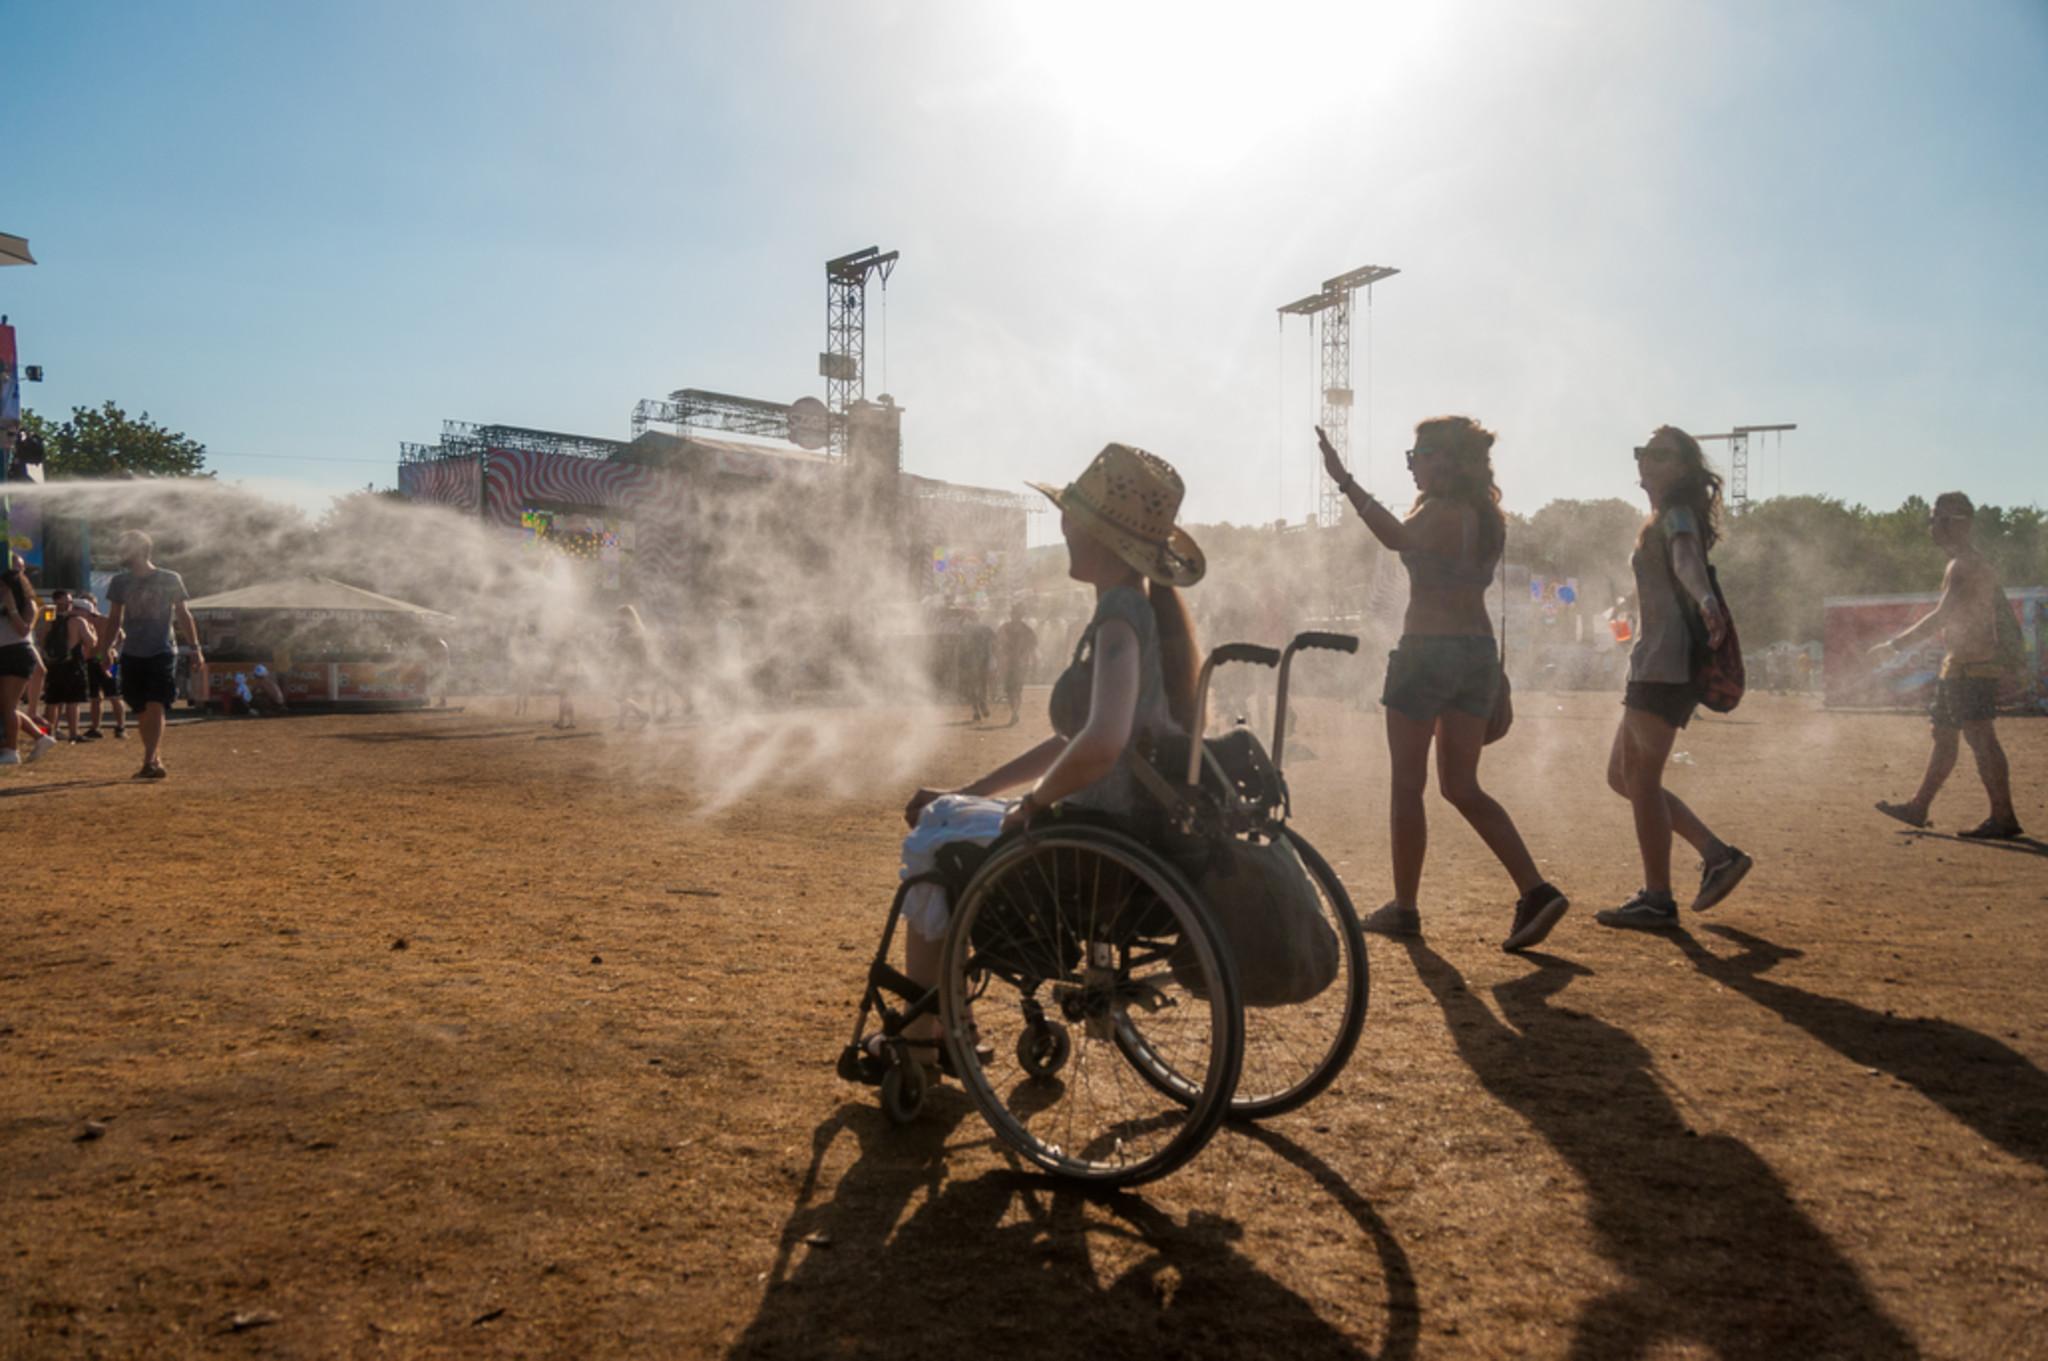 """Podiumsgäste auf der Veranstaltung """"Inklusion im Fernsehen"""" der Grimme Akademie bei RTL in Köln. Es spricht ein kleinwüchsiger Rollstuhlfahrer ins Mikro. Neben ihm sitzen eine Frau mit Down-Syndrom und eine nicht behinderte Frau. Der Moderator ist im Vordergrund zu sehen."""